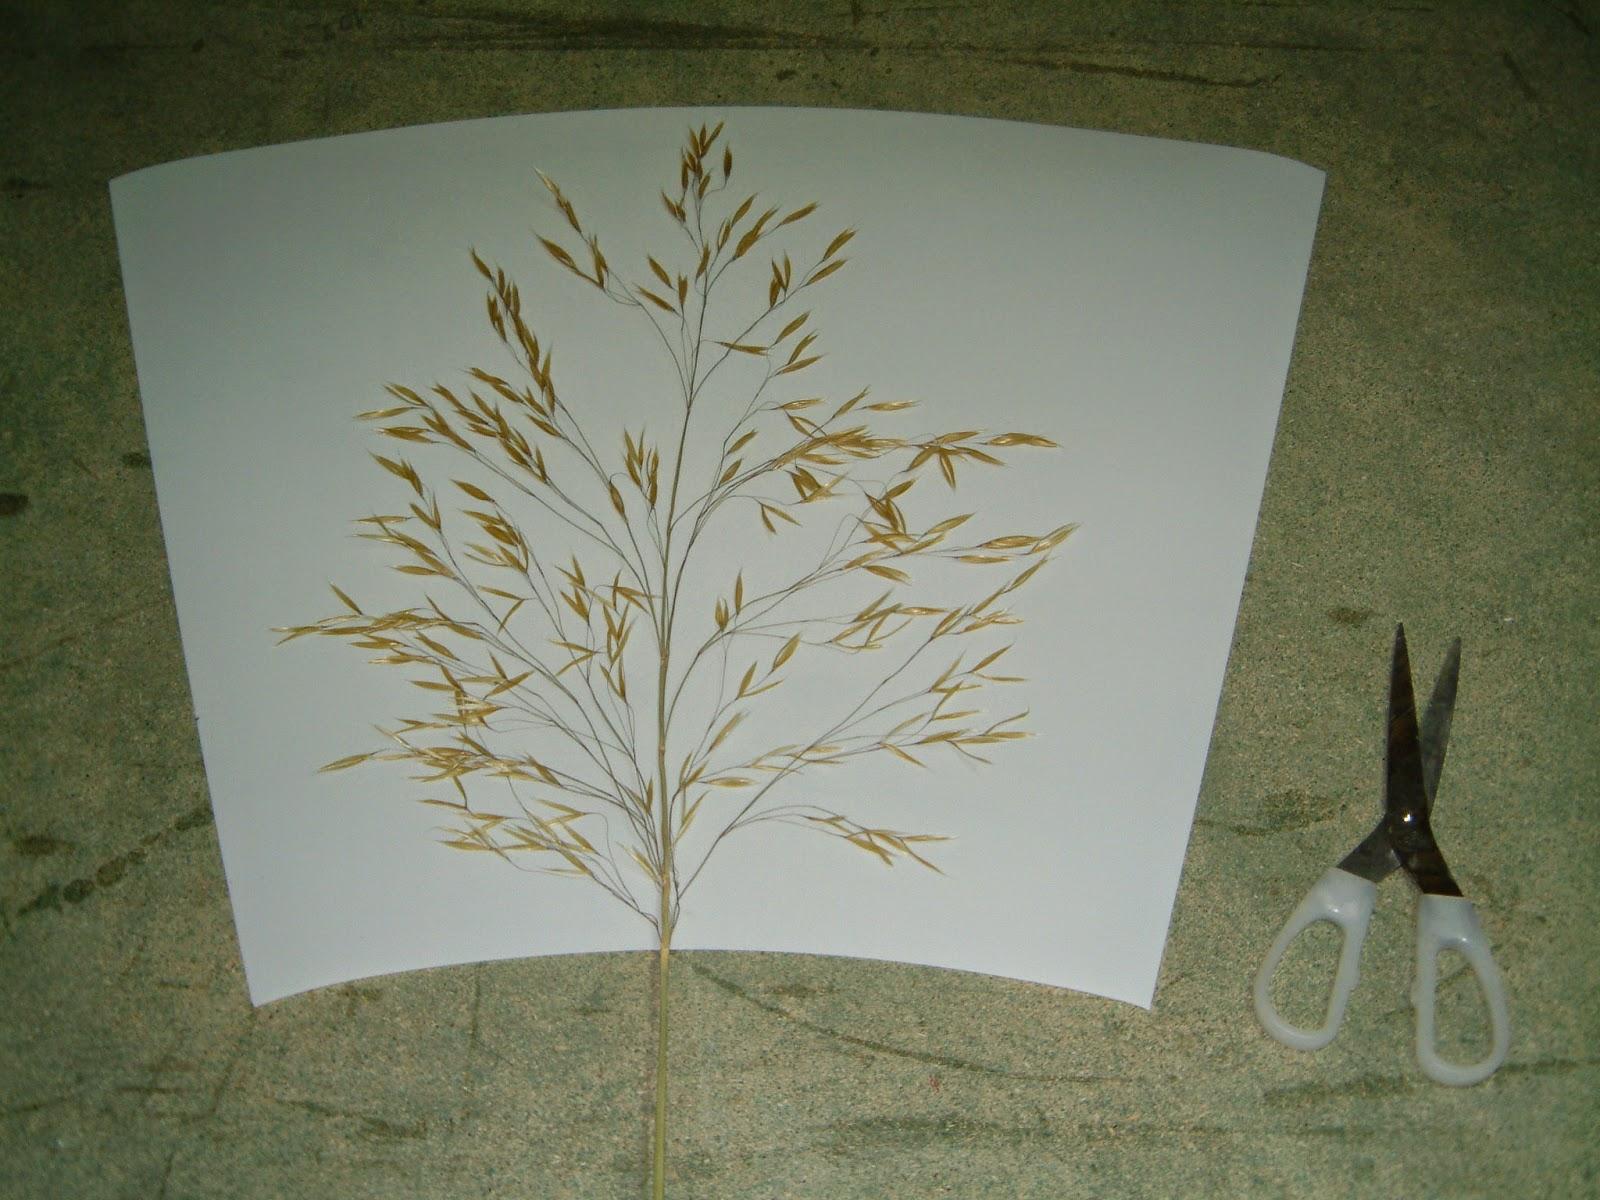 lámparas artesanas con flores secas